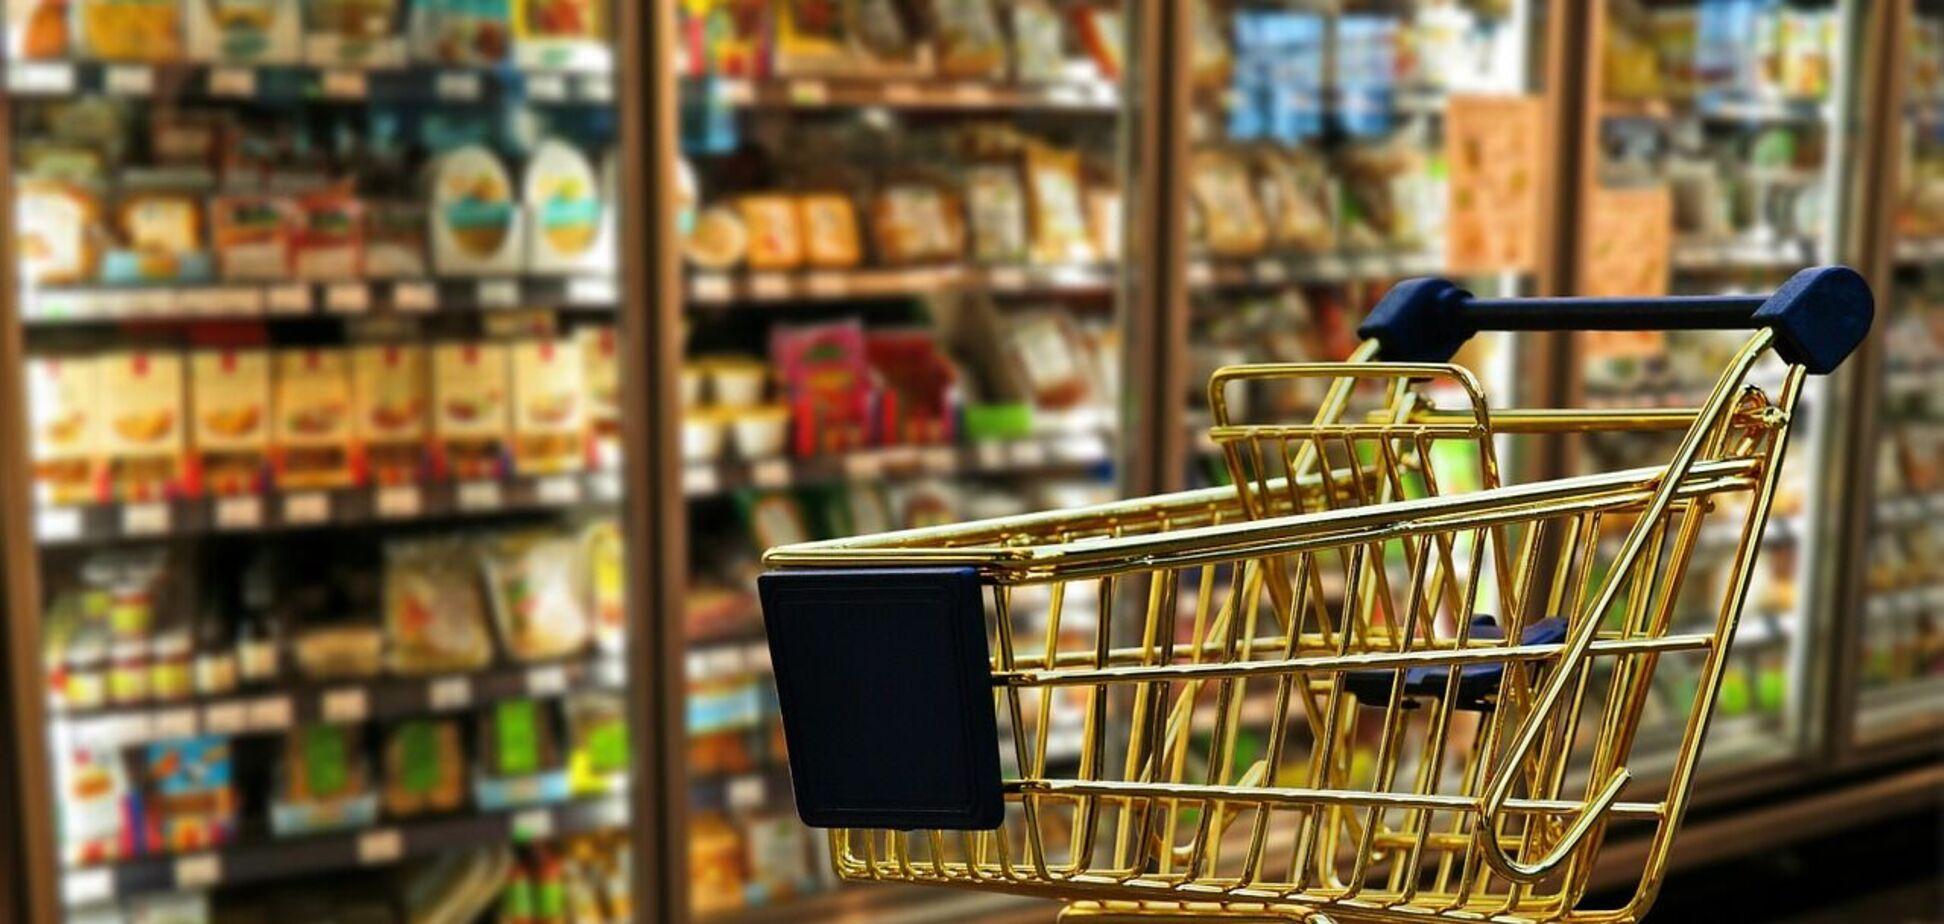 Ціни на продукти в Україні і світі ростуть: скільки буде тривати подорожчання